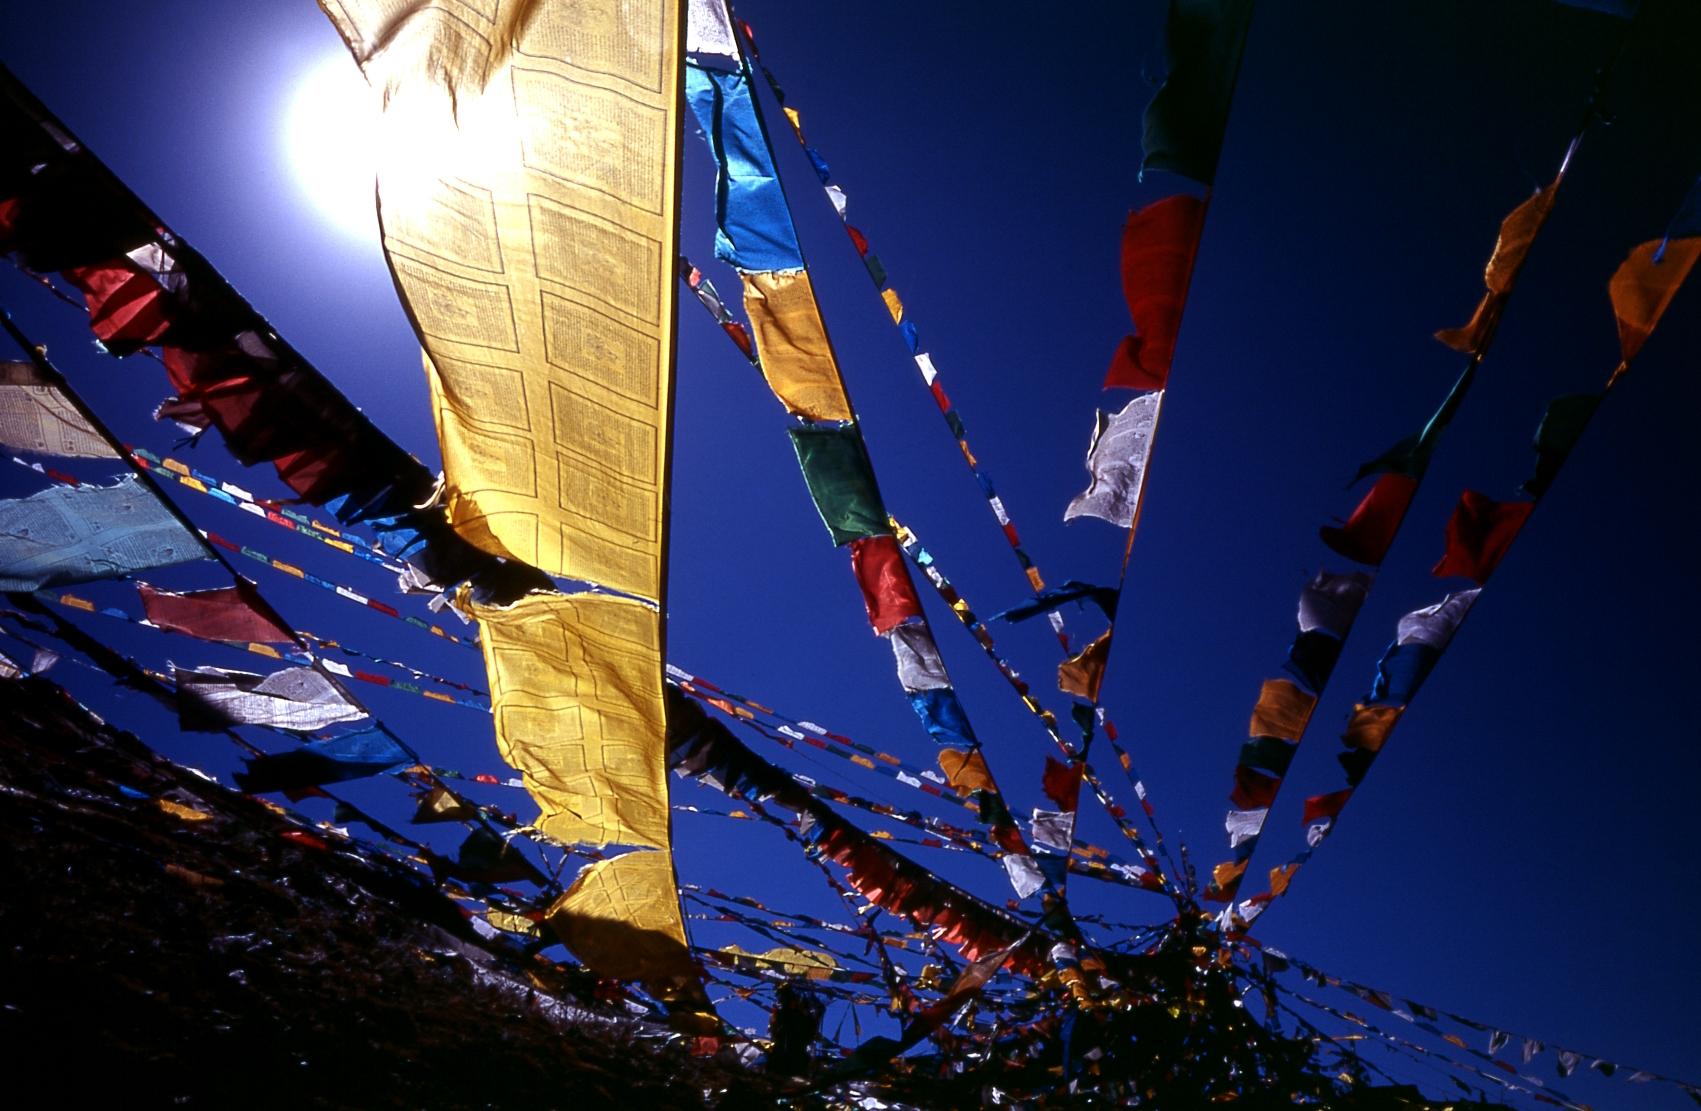 Robert Barnett: The Long Wait for Tibetan Freedom